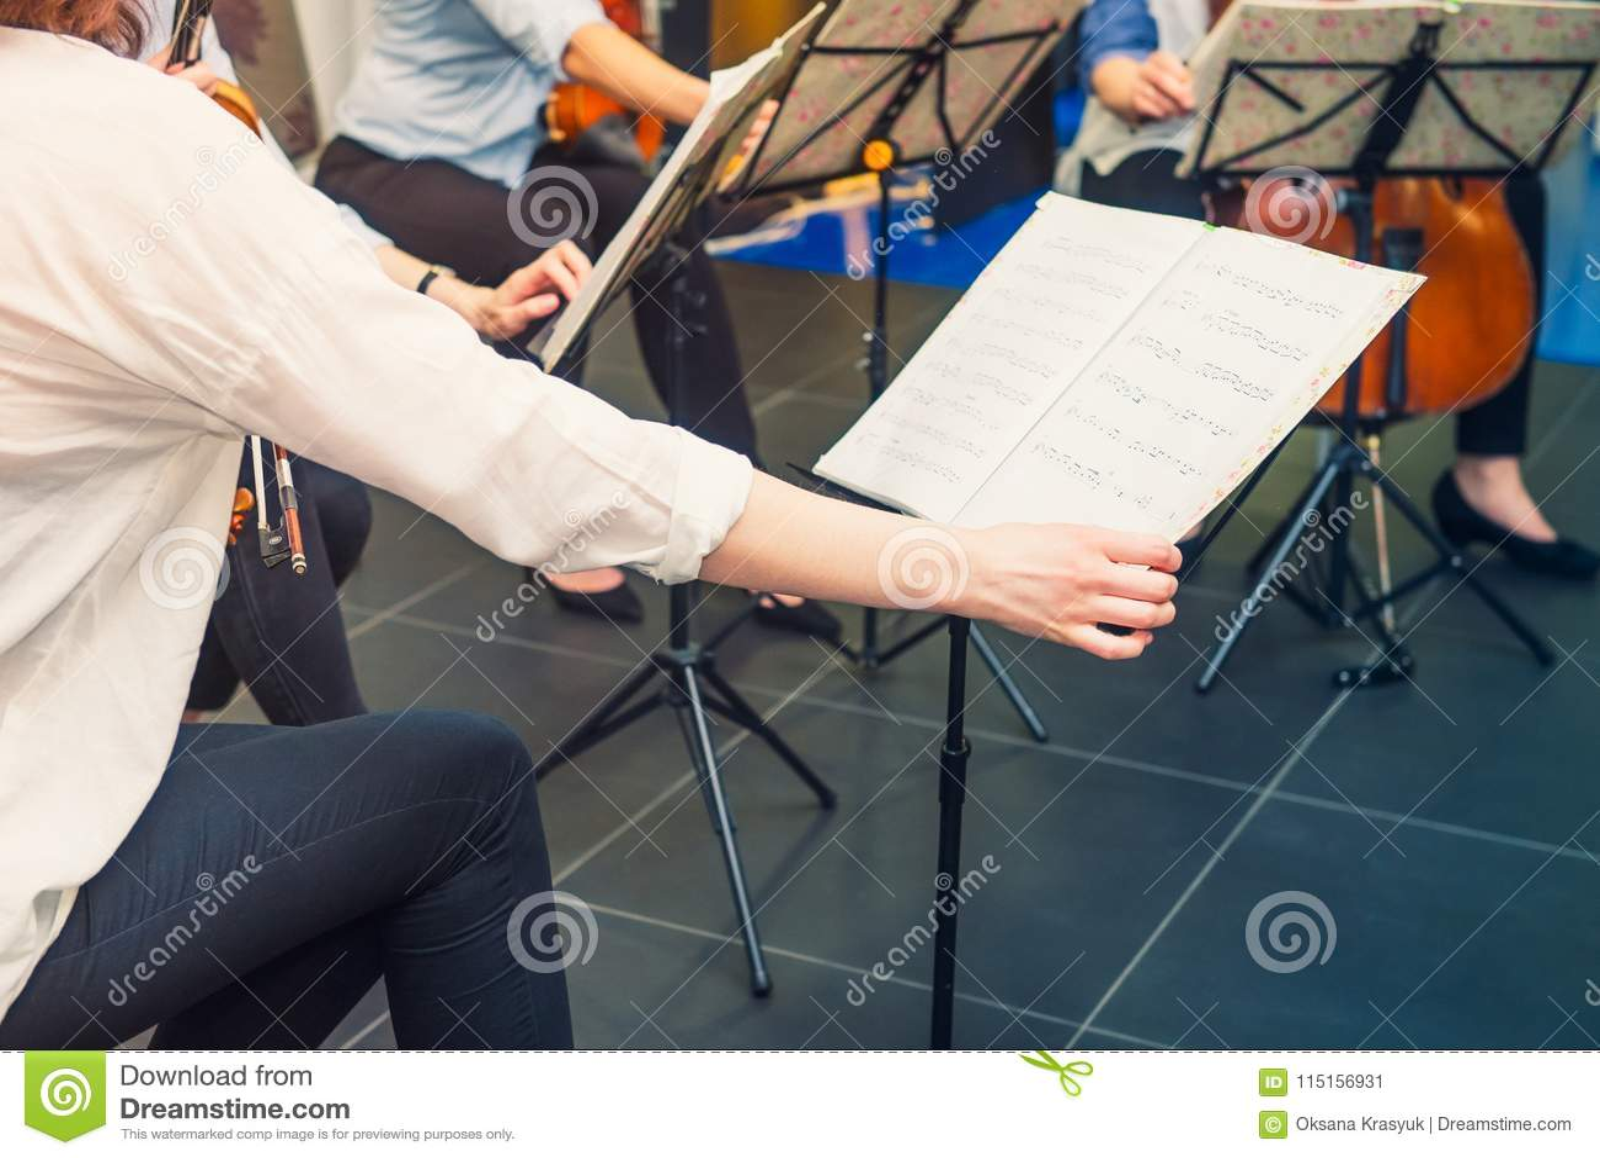 De musicus draait de pagina van Muzieknotitieboekje op tribune met achtergrond van speelcellisten en violistenband op gebeurtenis